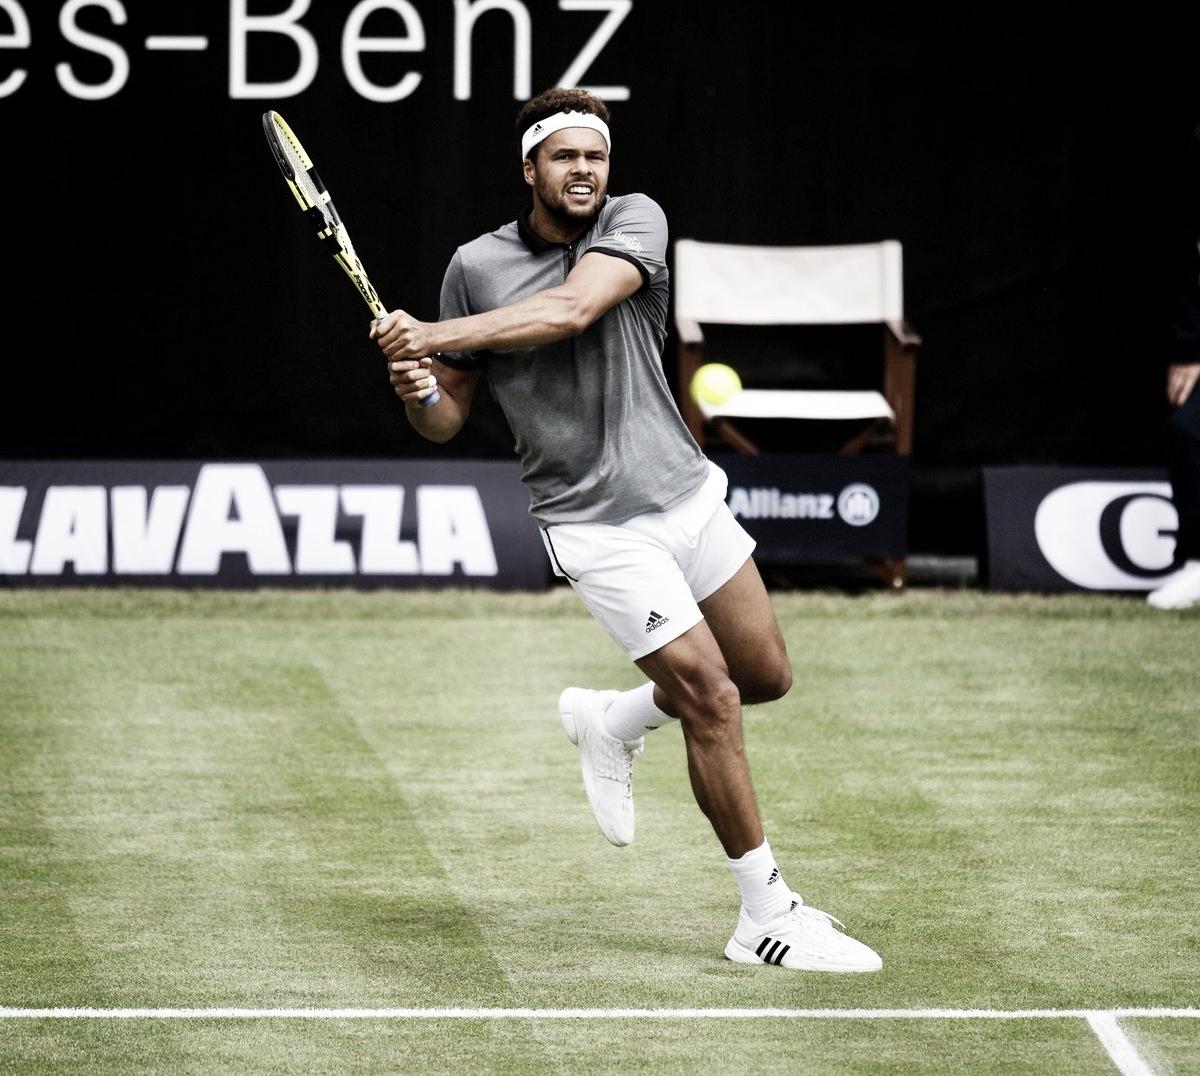 No duelo de franceses, Tsonga leva a melhor sobre Paire e avança no ATP 500 de Halle